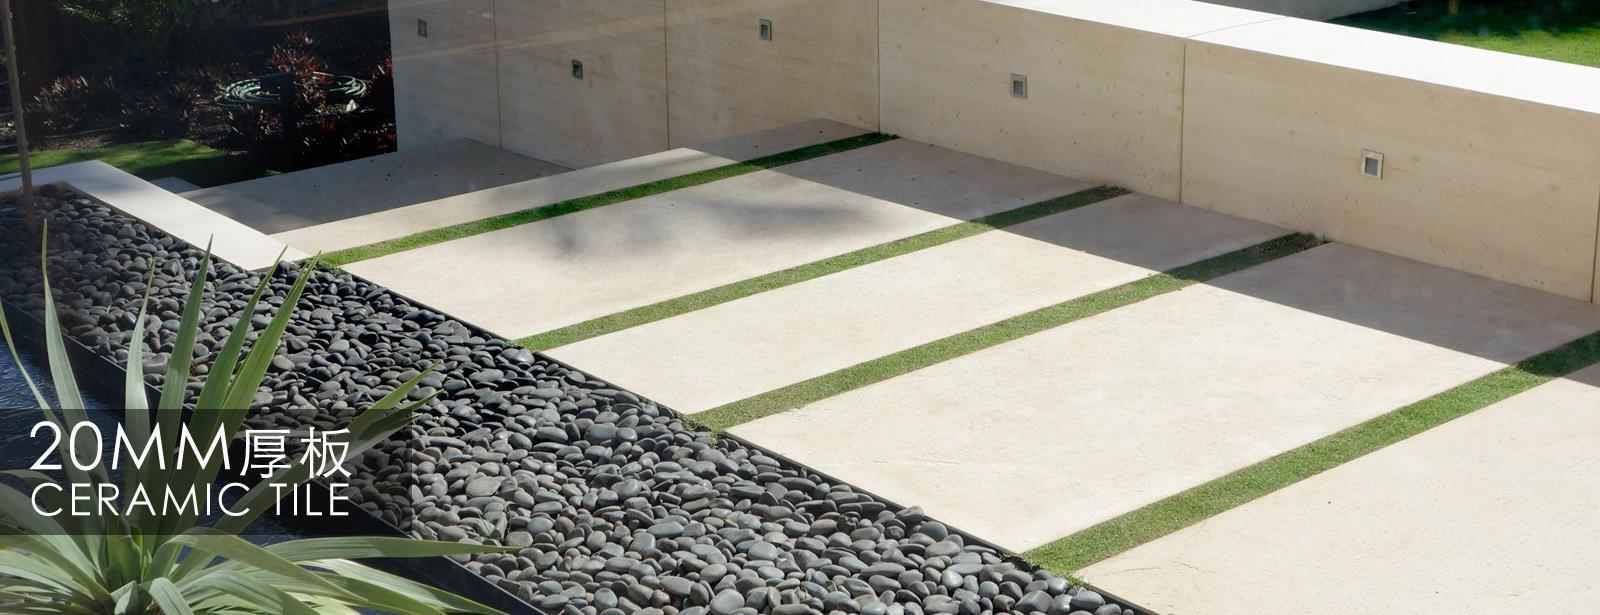 瓷磚厚板:2cm厚瓷磚厚板懸空鋪貼常見問答